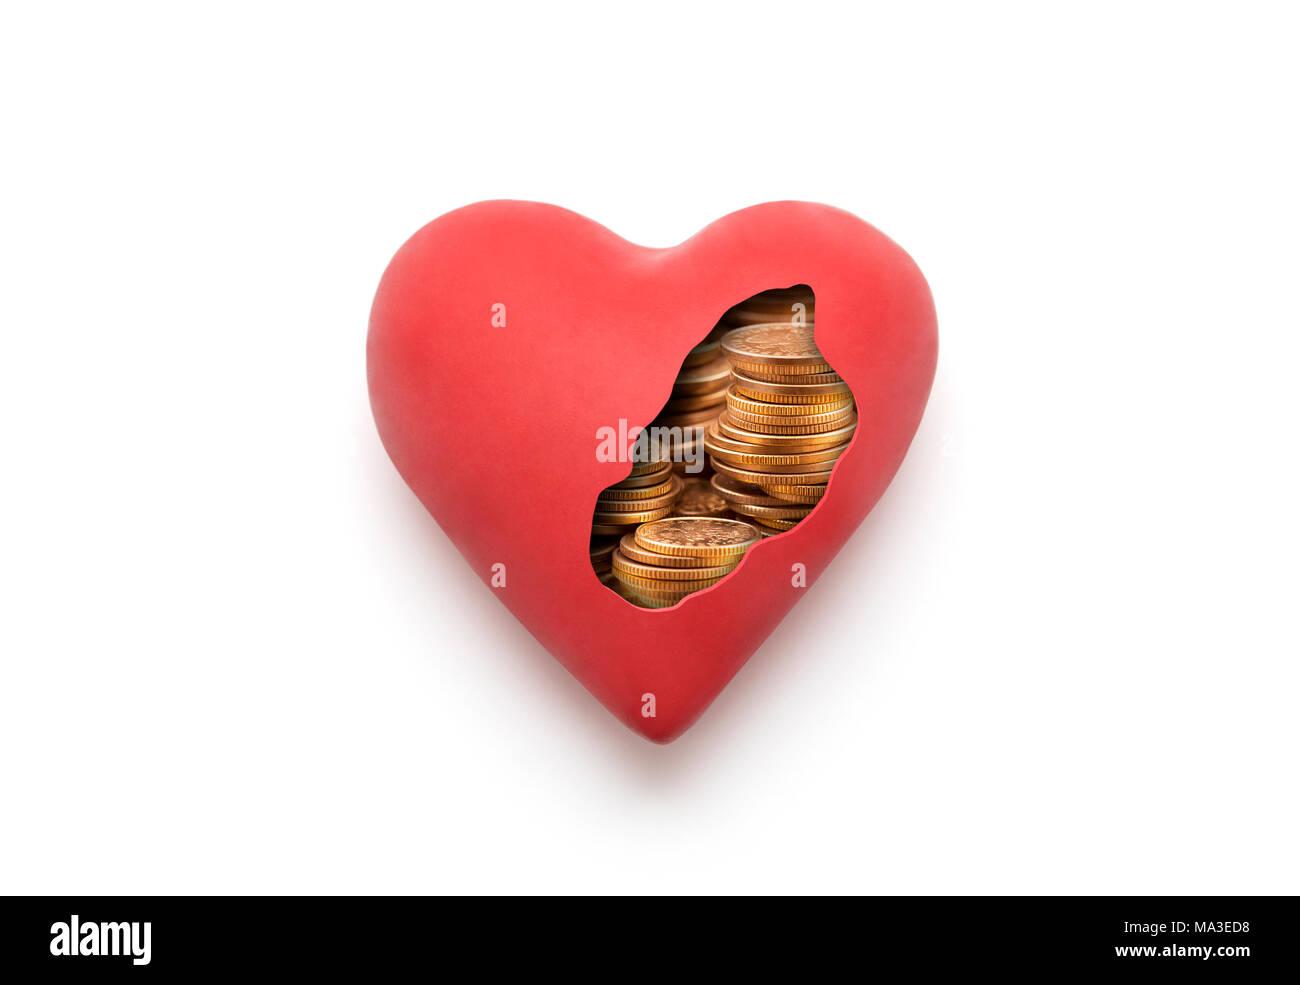 Corazón rojo con monedas de oro sobre fondo blanco con trazado de recorte Imagen De Stock